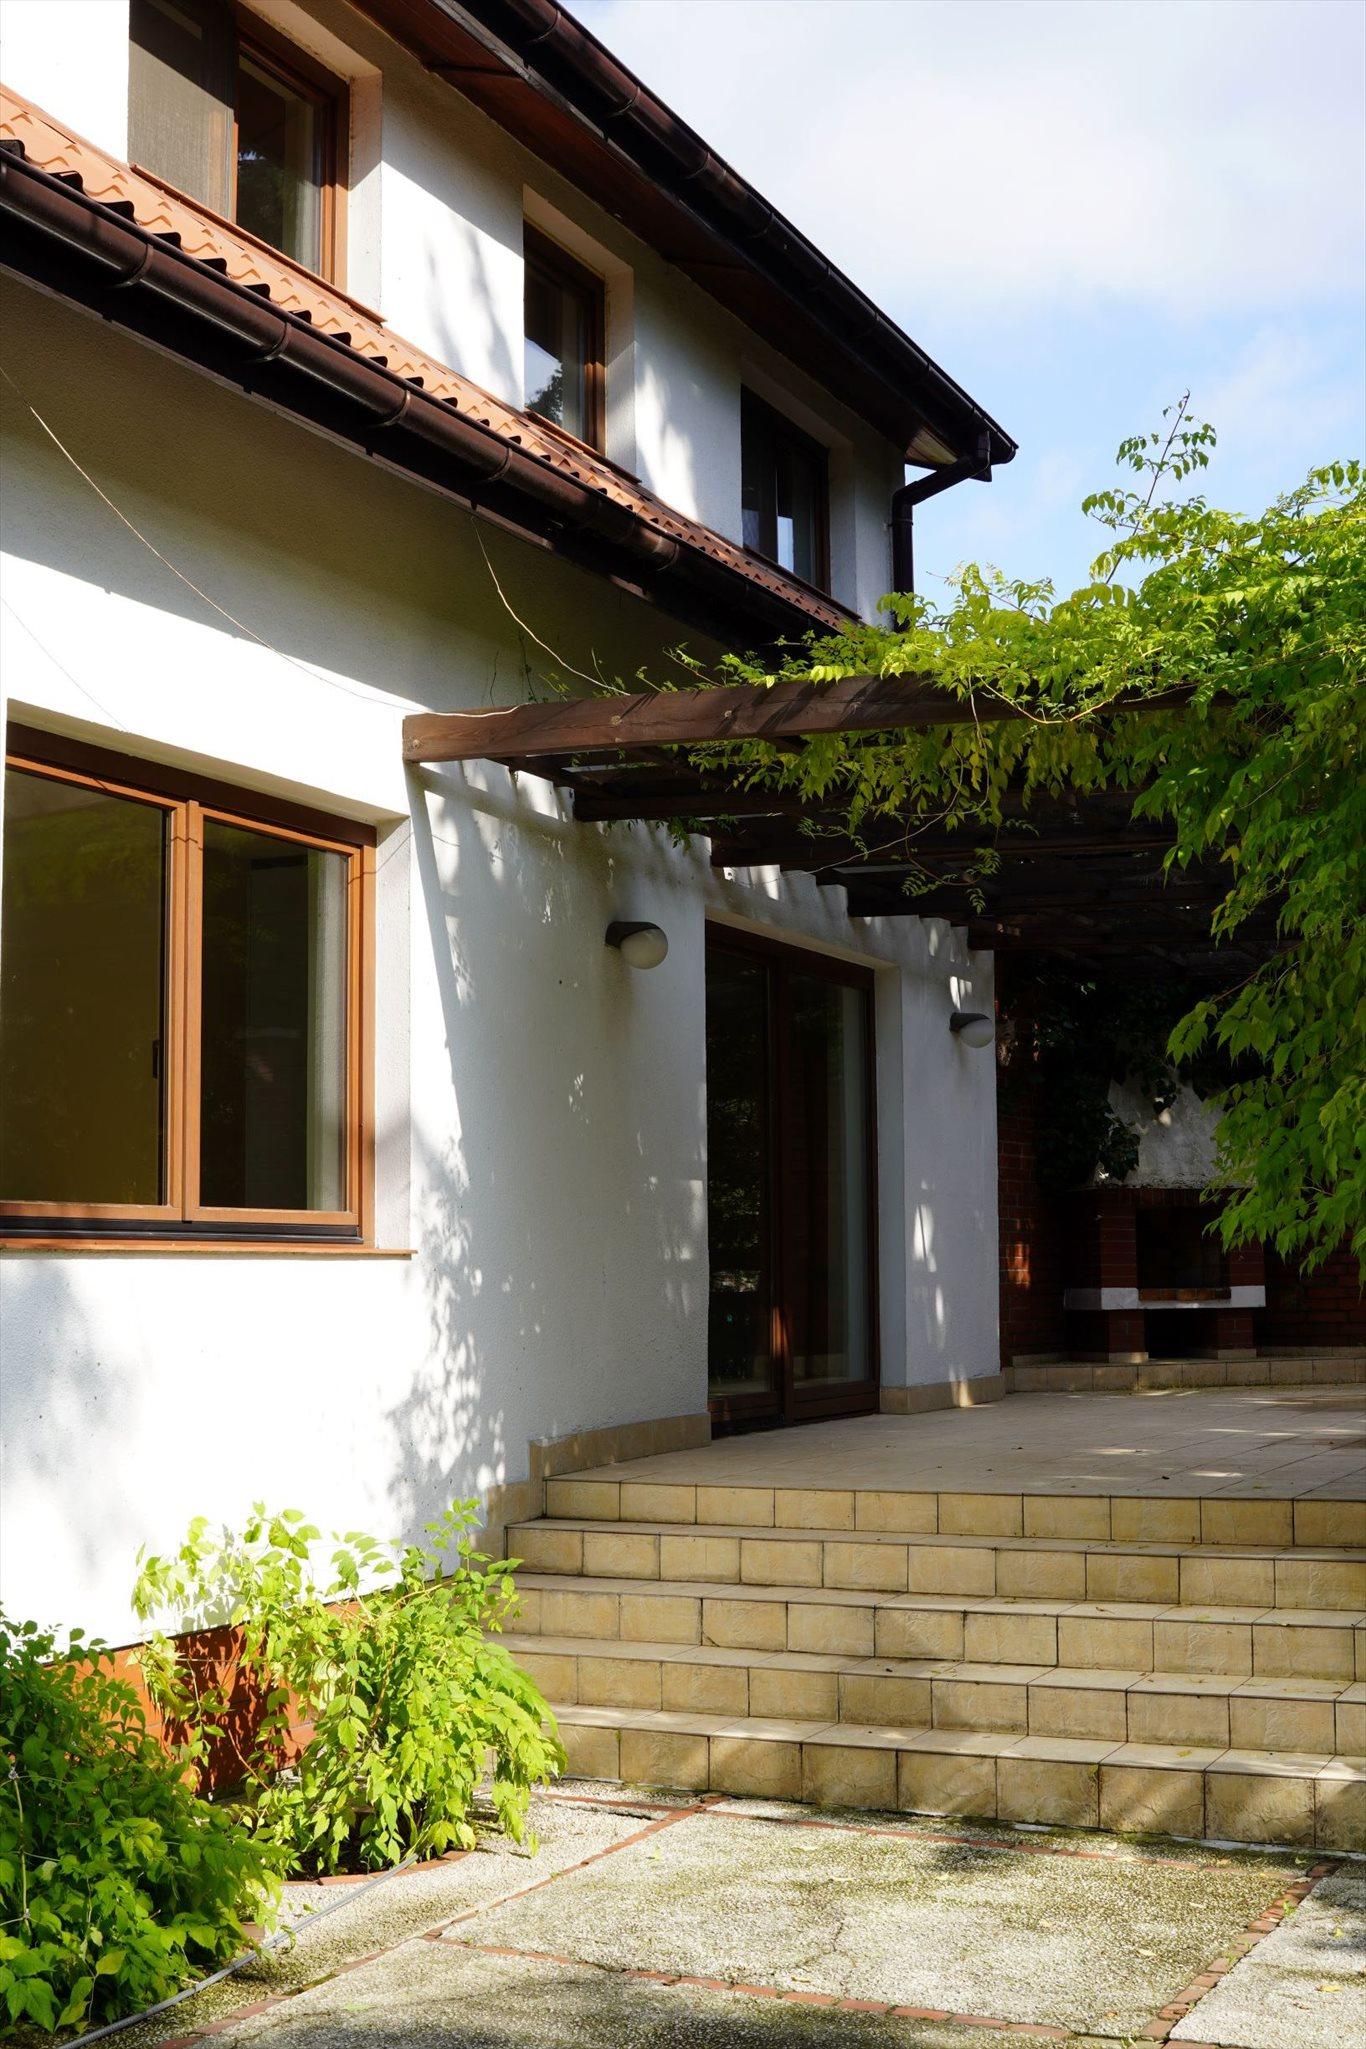 Lokal użytkowy na wynajem Konstancin-Jeziorna, Bielawa, Bielawska 63  480m2 Foto 9